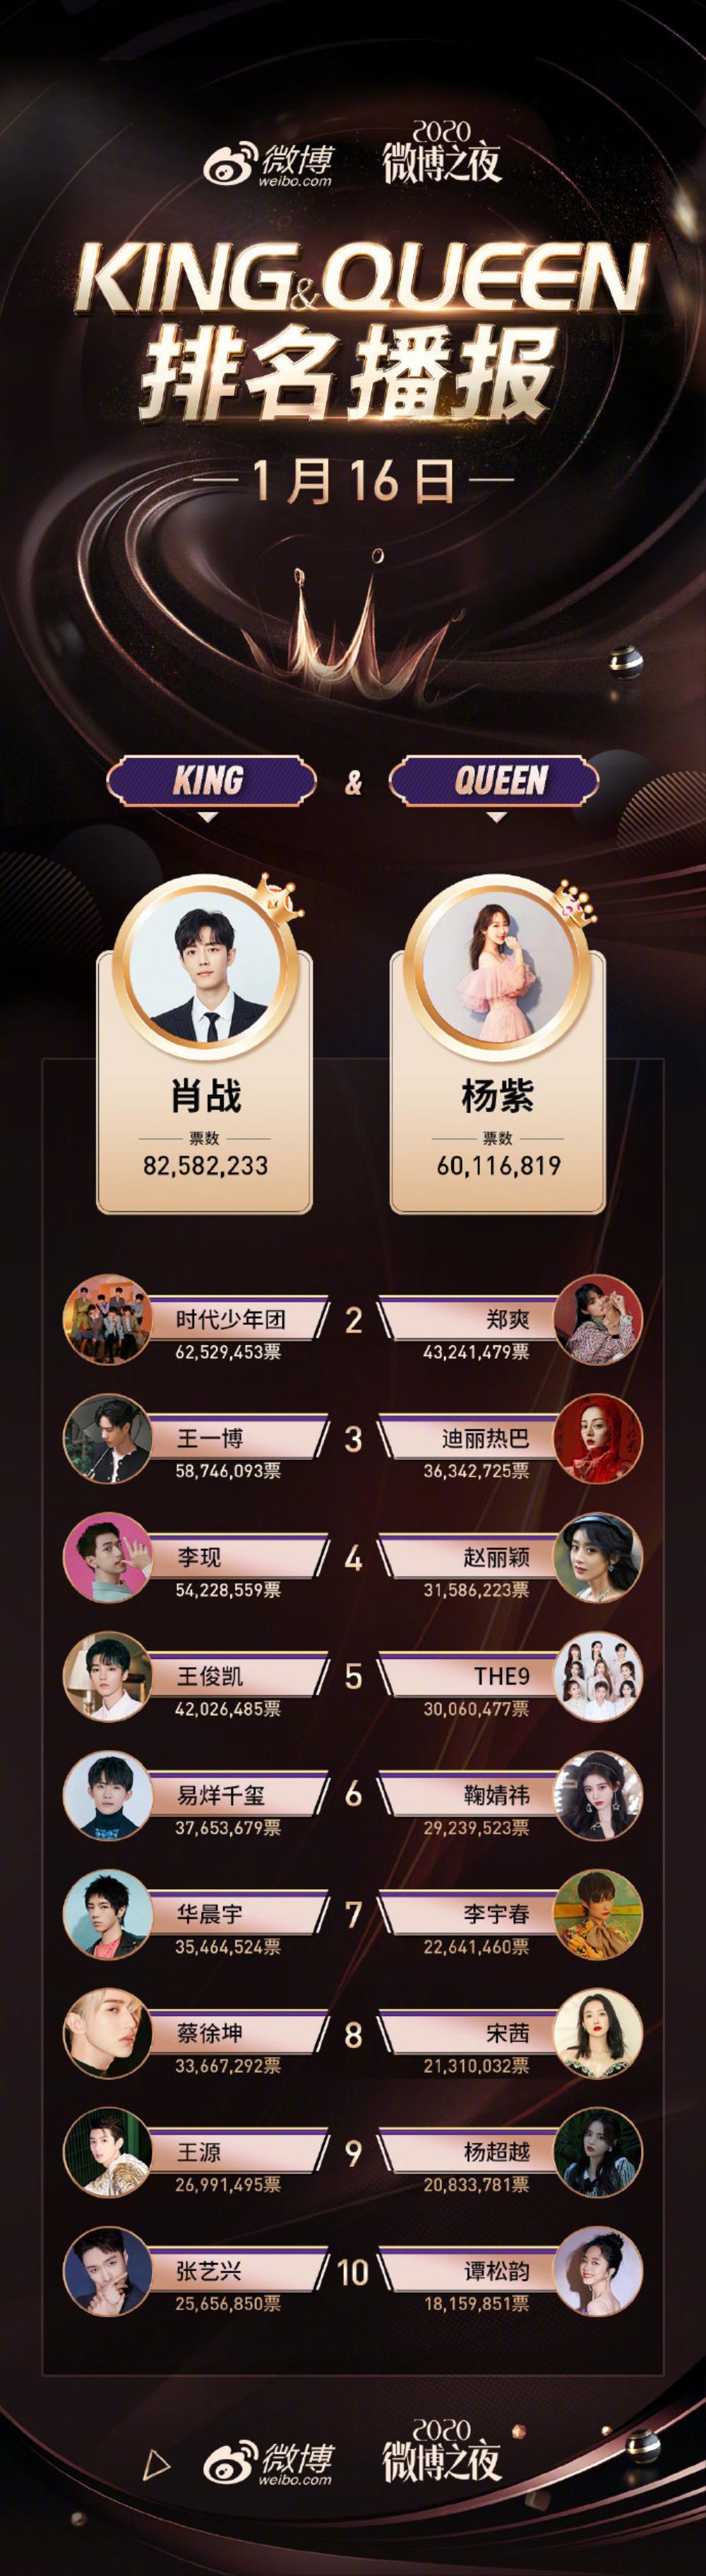 Trước 1 ngày King - Queen Weibo 2020 chốt sổ: Tiêu Chiến - Dương Tử gần như nắm chắc phần thắng Ảnh 5